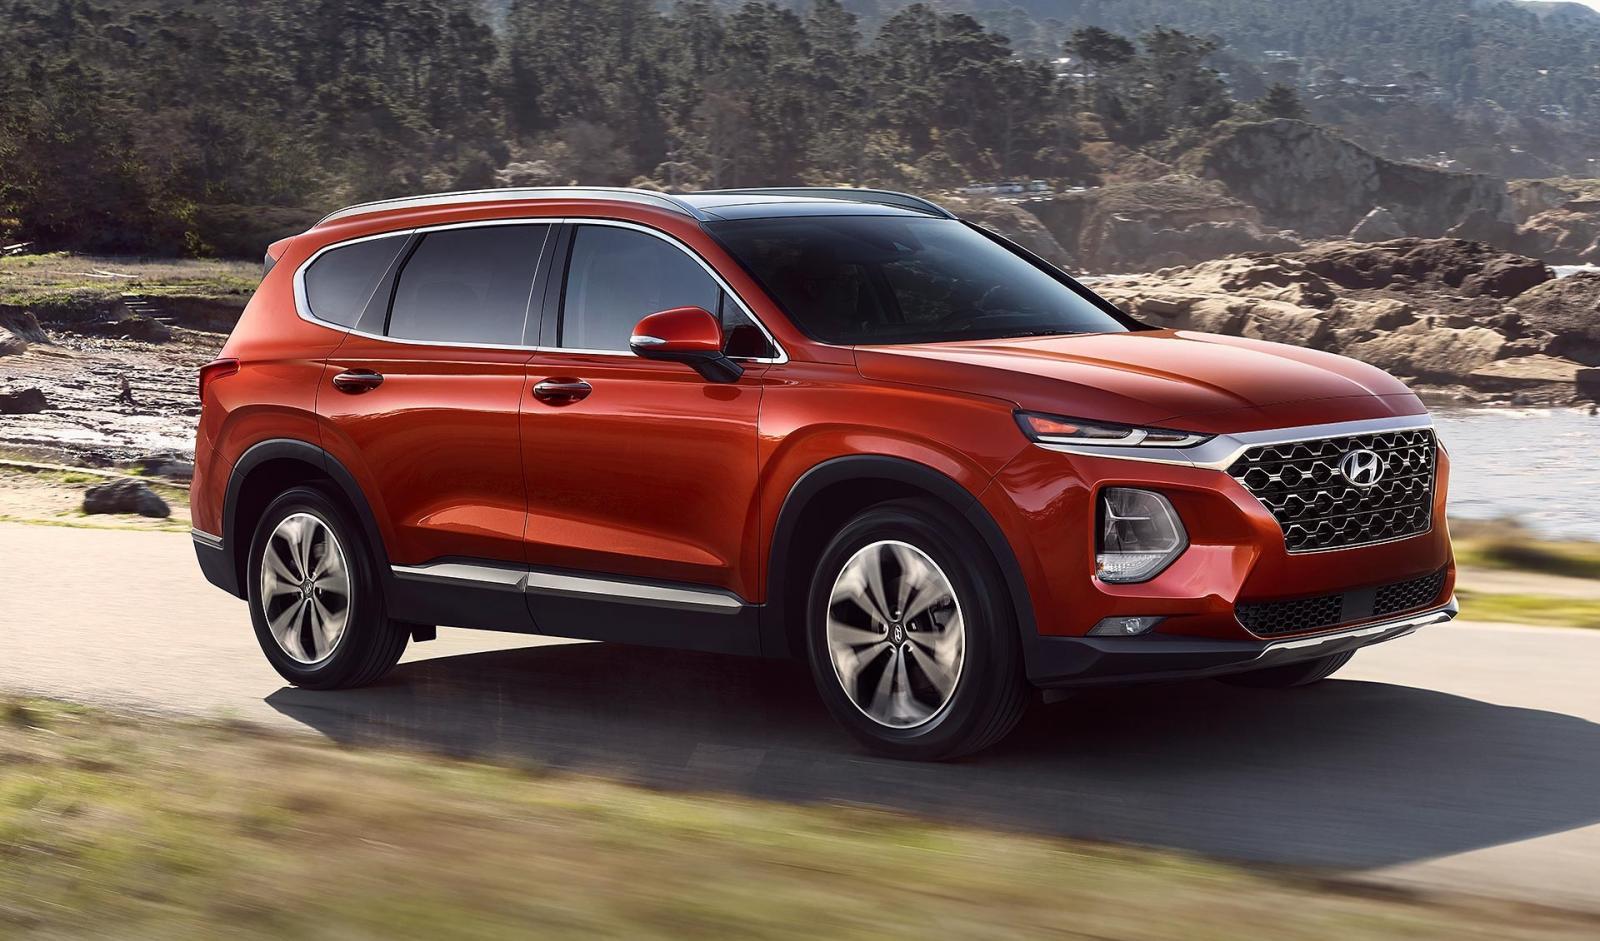 Hyundai Santa Fe precio 2